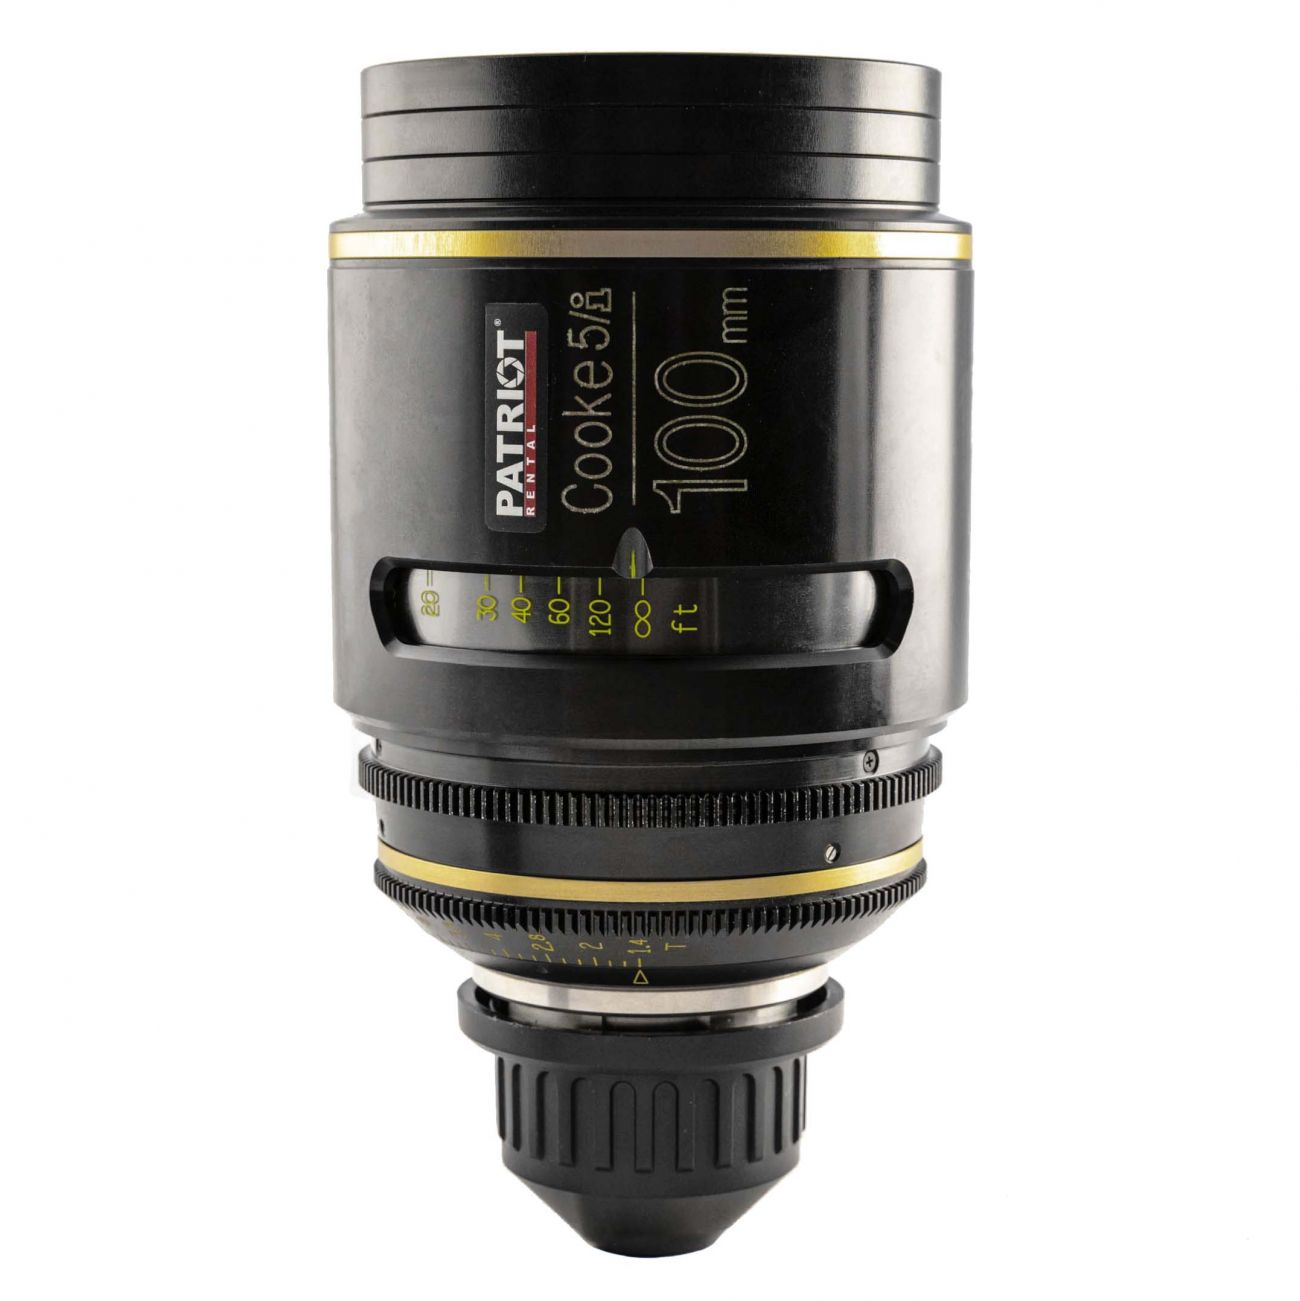 100mm COOKE 5/i lens T1.4